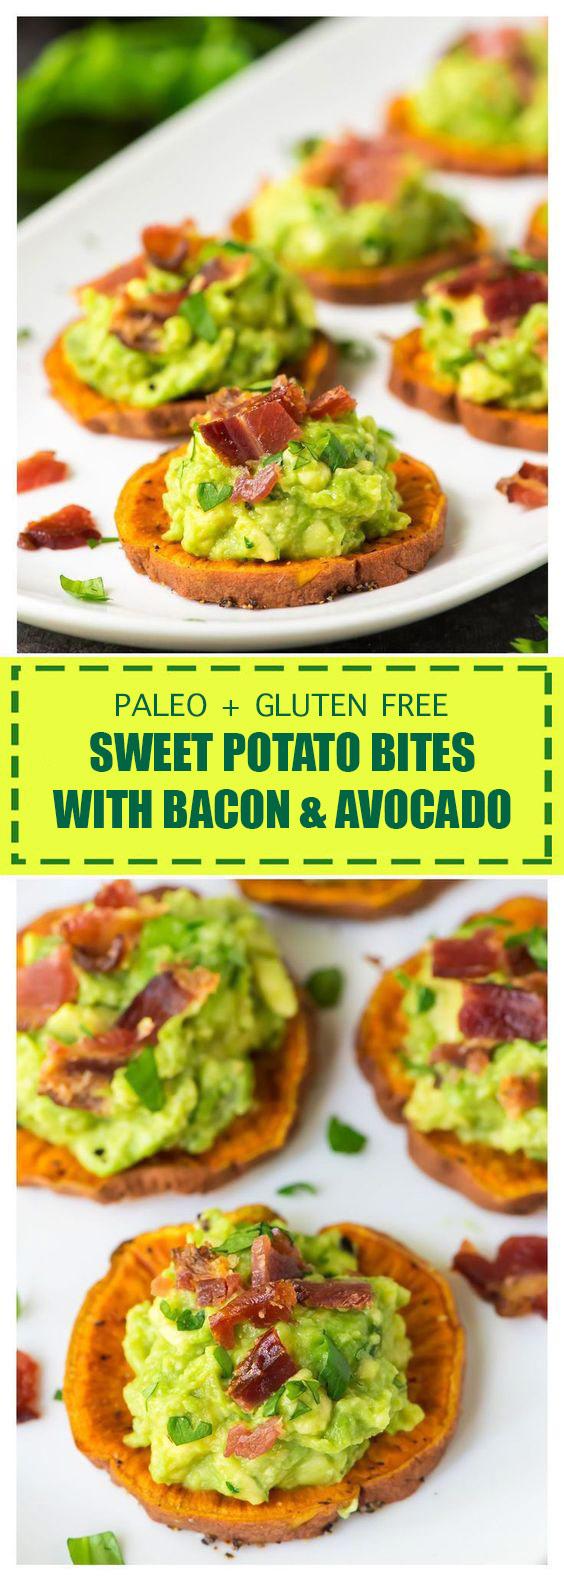 Paleo + Gluten Free Sweet Potato Bites With Bacon & Avocado